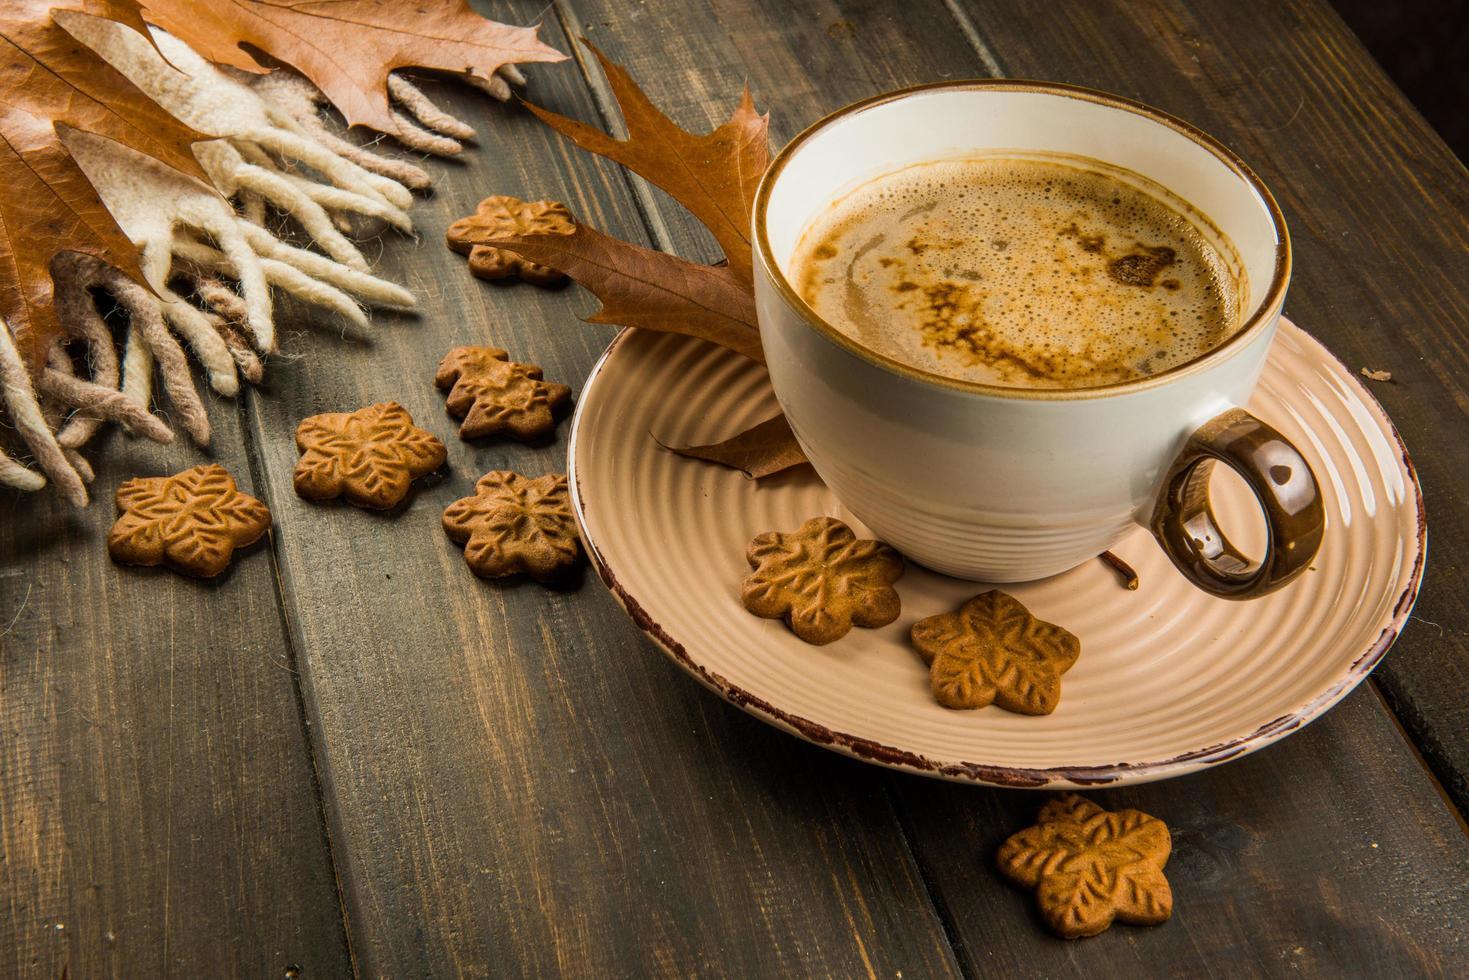 kopje warme koffie met koekjes foto